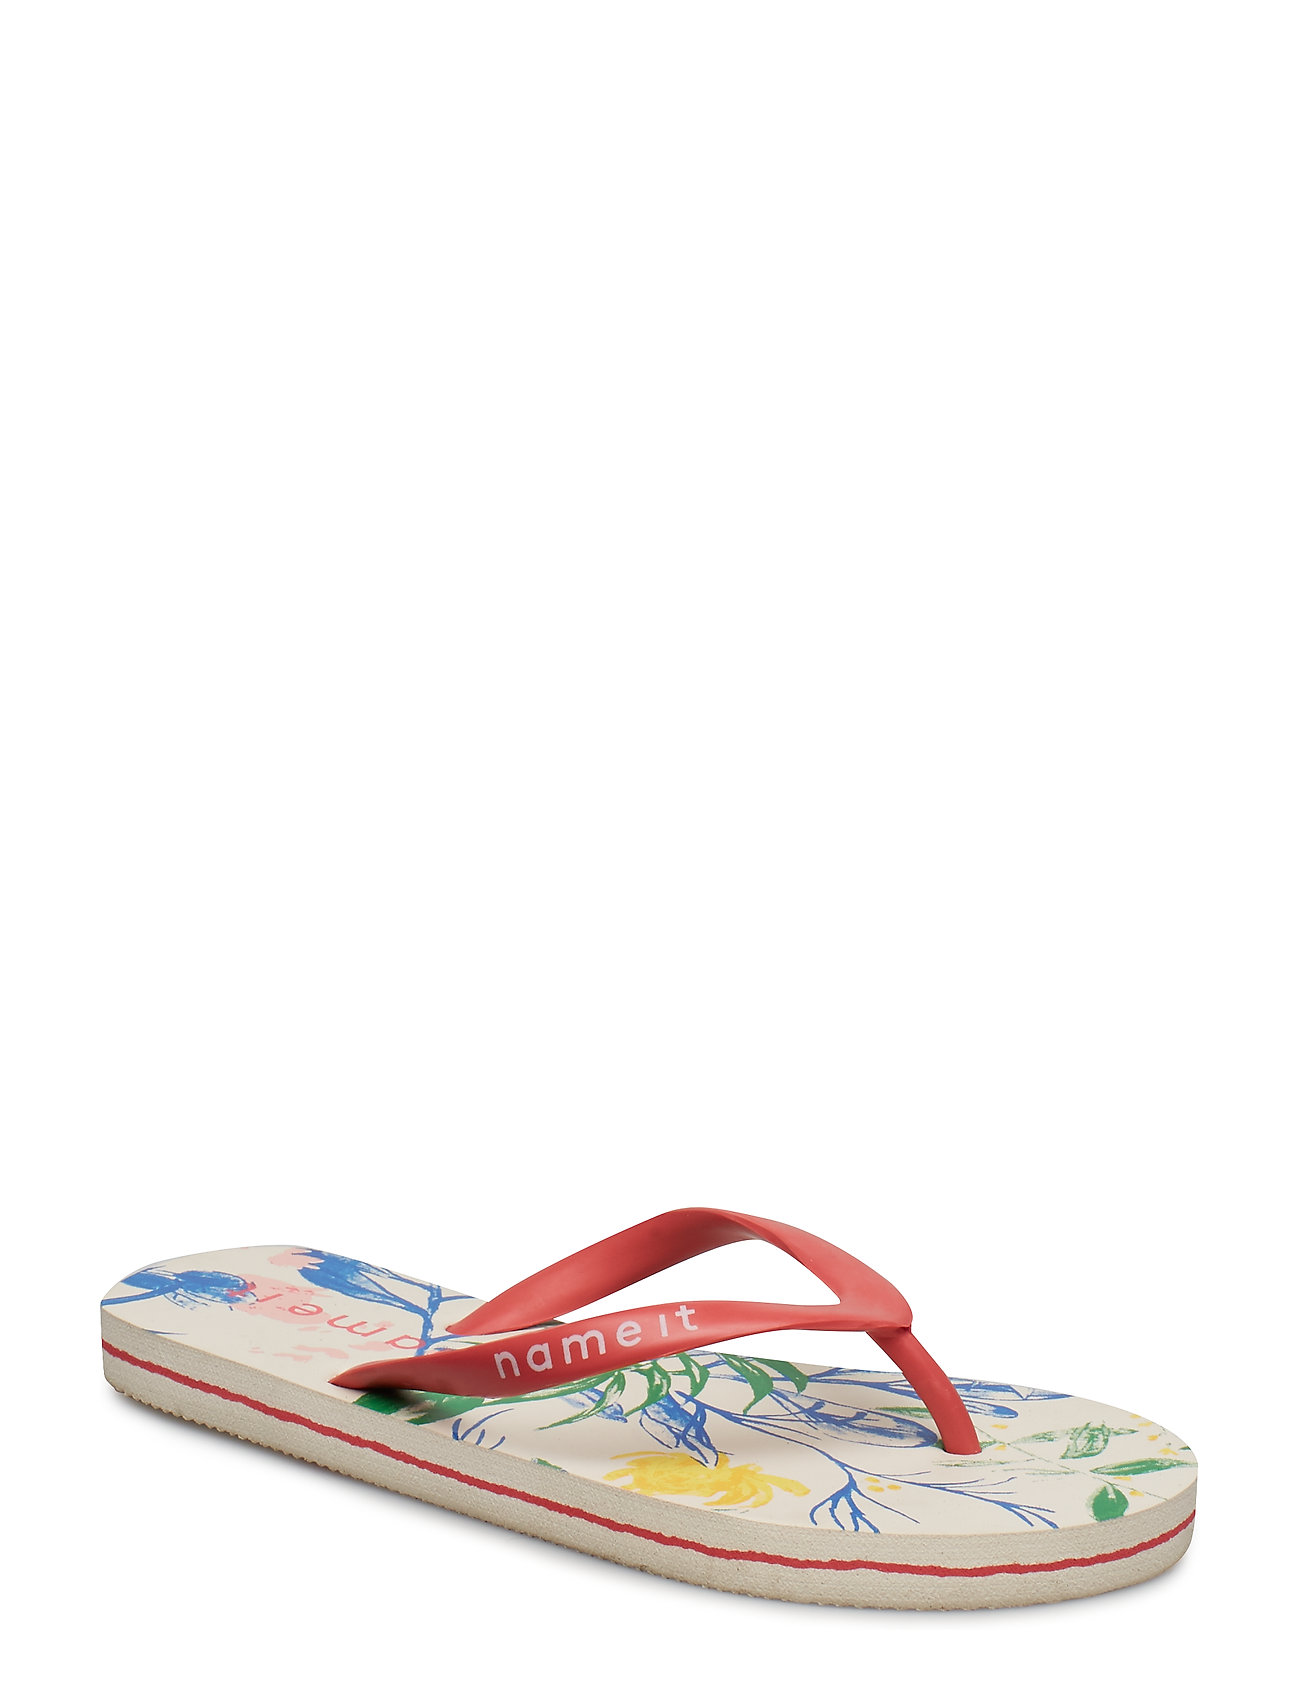 6e1b443eba2 Nkfzitta Flip Flop Box sandaler fra Name it til børn i STRAWBERRY ...